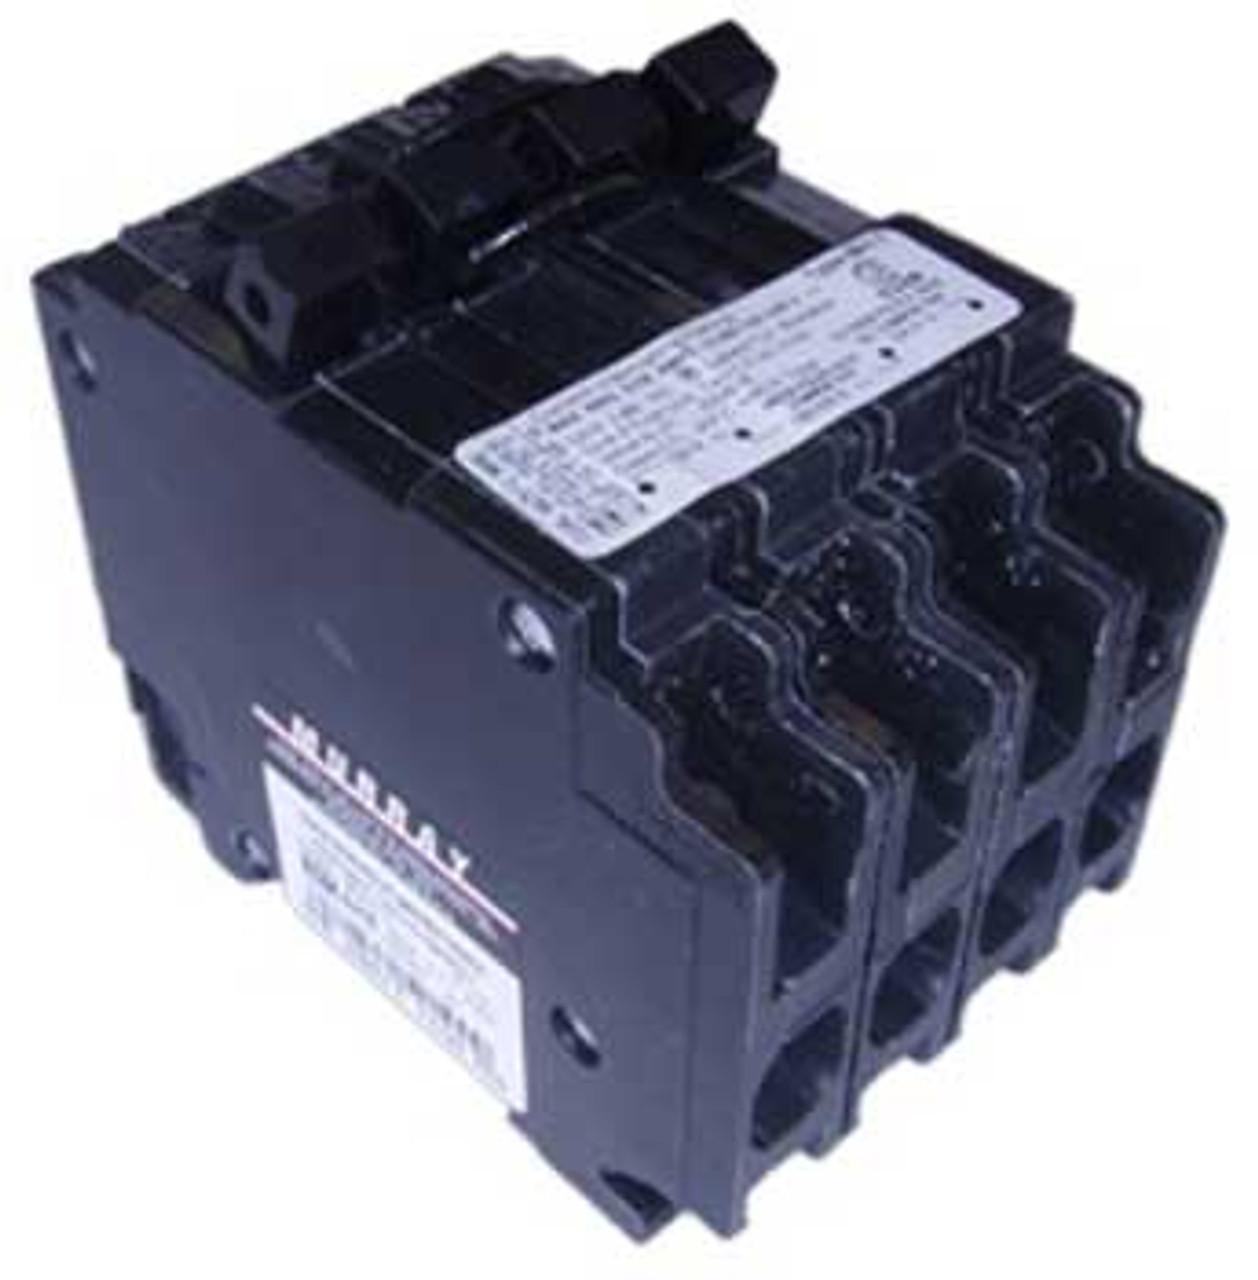 Murray MP230230CT2 230/230 Quad 240 Volt CT2 Circuit Breaker - Used